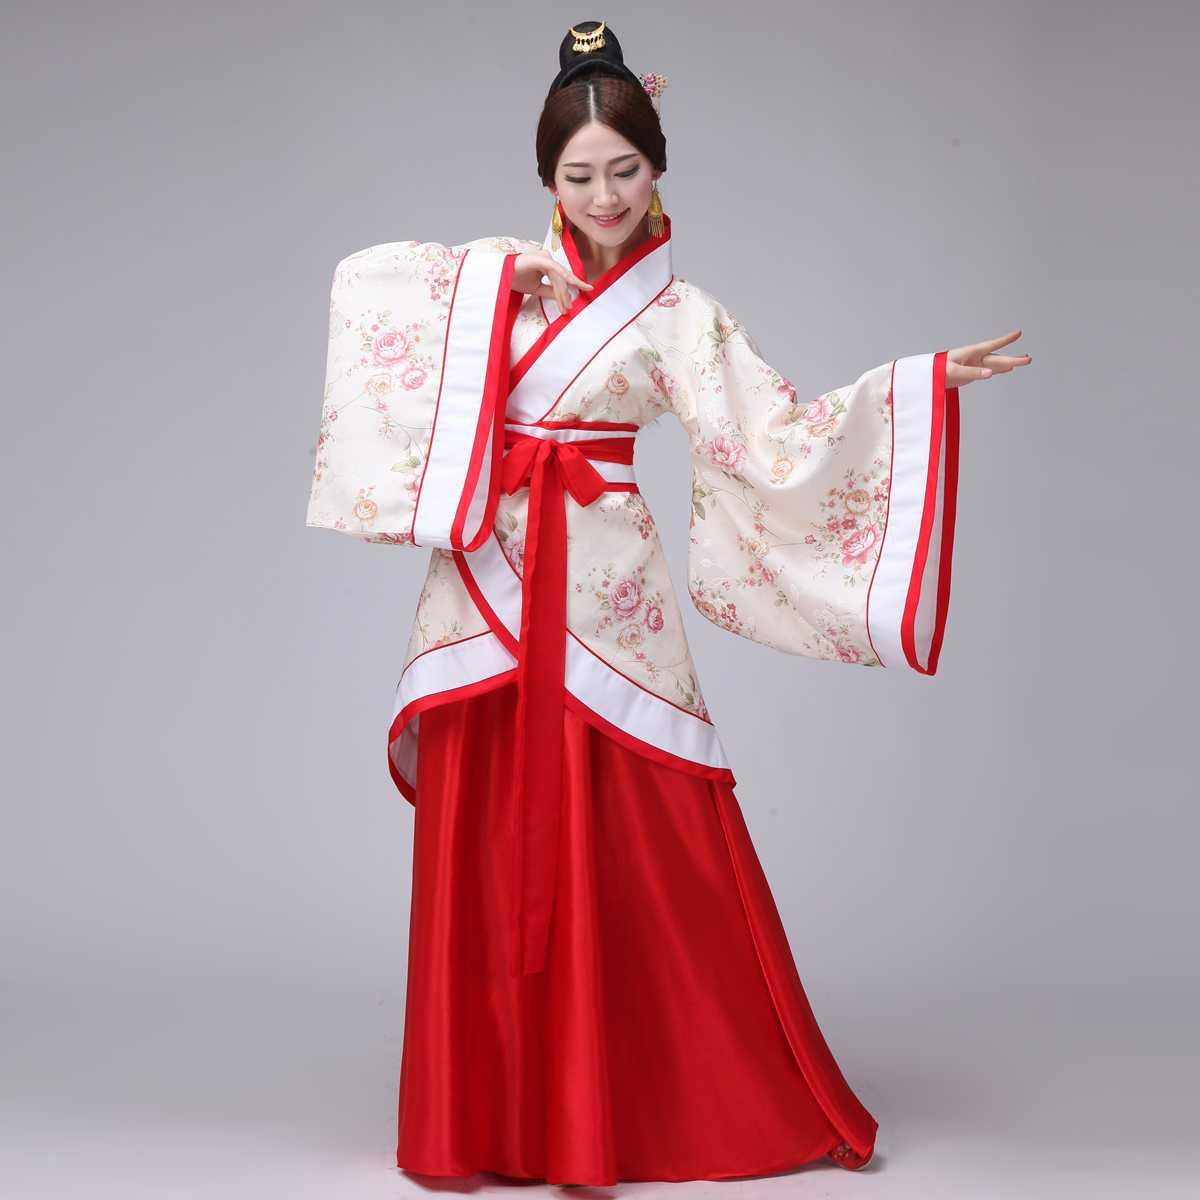 服饰舞蹈服娘娘明朝日常时尚古装服装仙女清新淡雅天空城唐装公主